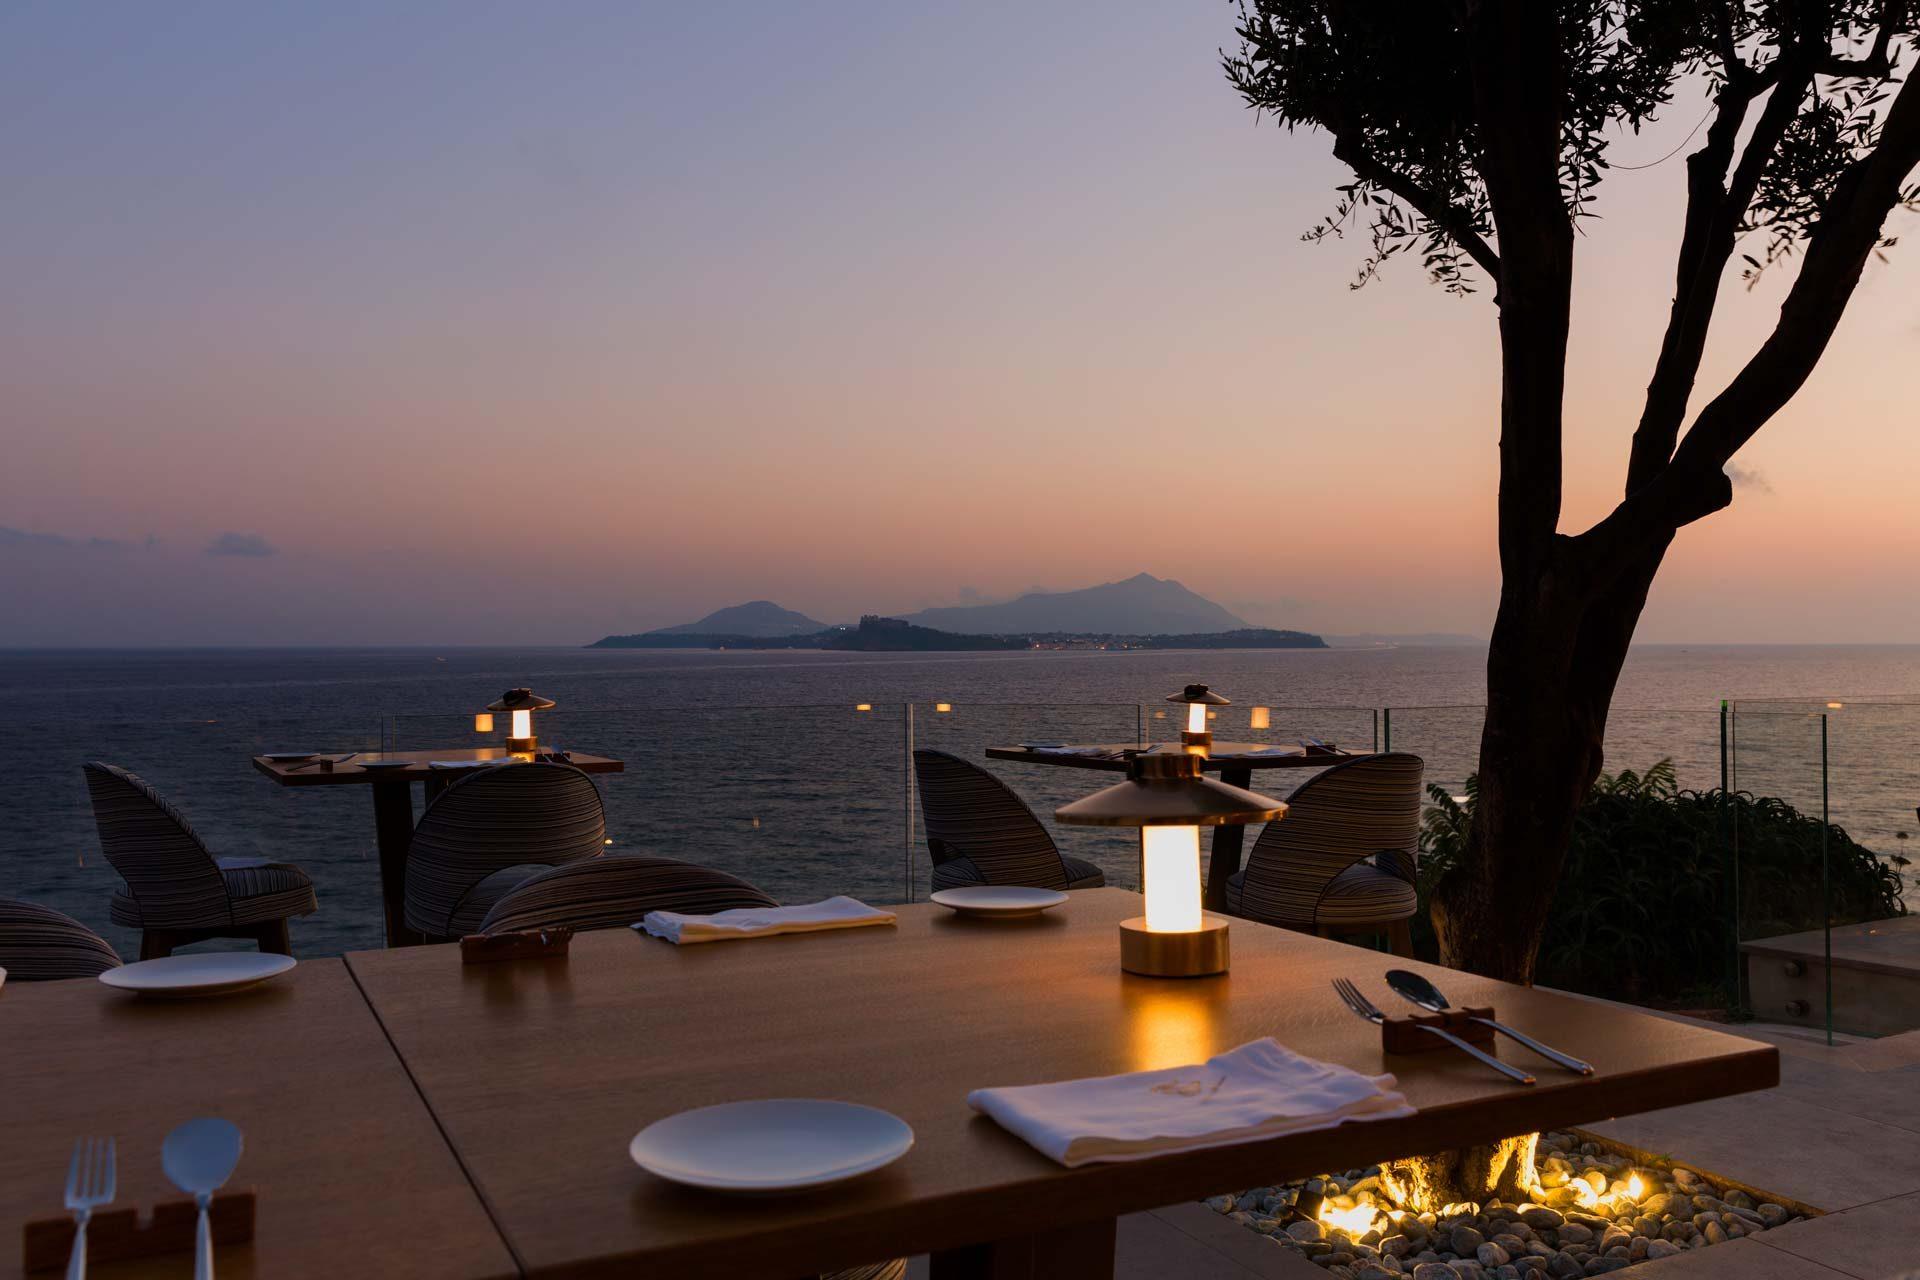 Ristoranti sul mare a Napoli e dintorni: i migliori 15 da provare per tutte le tasche